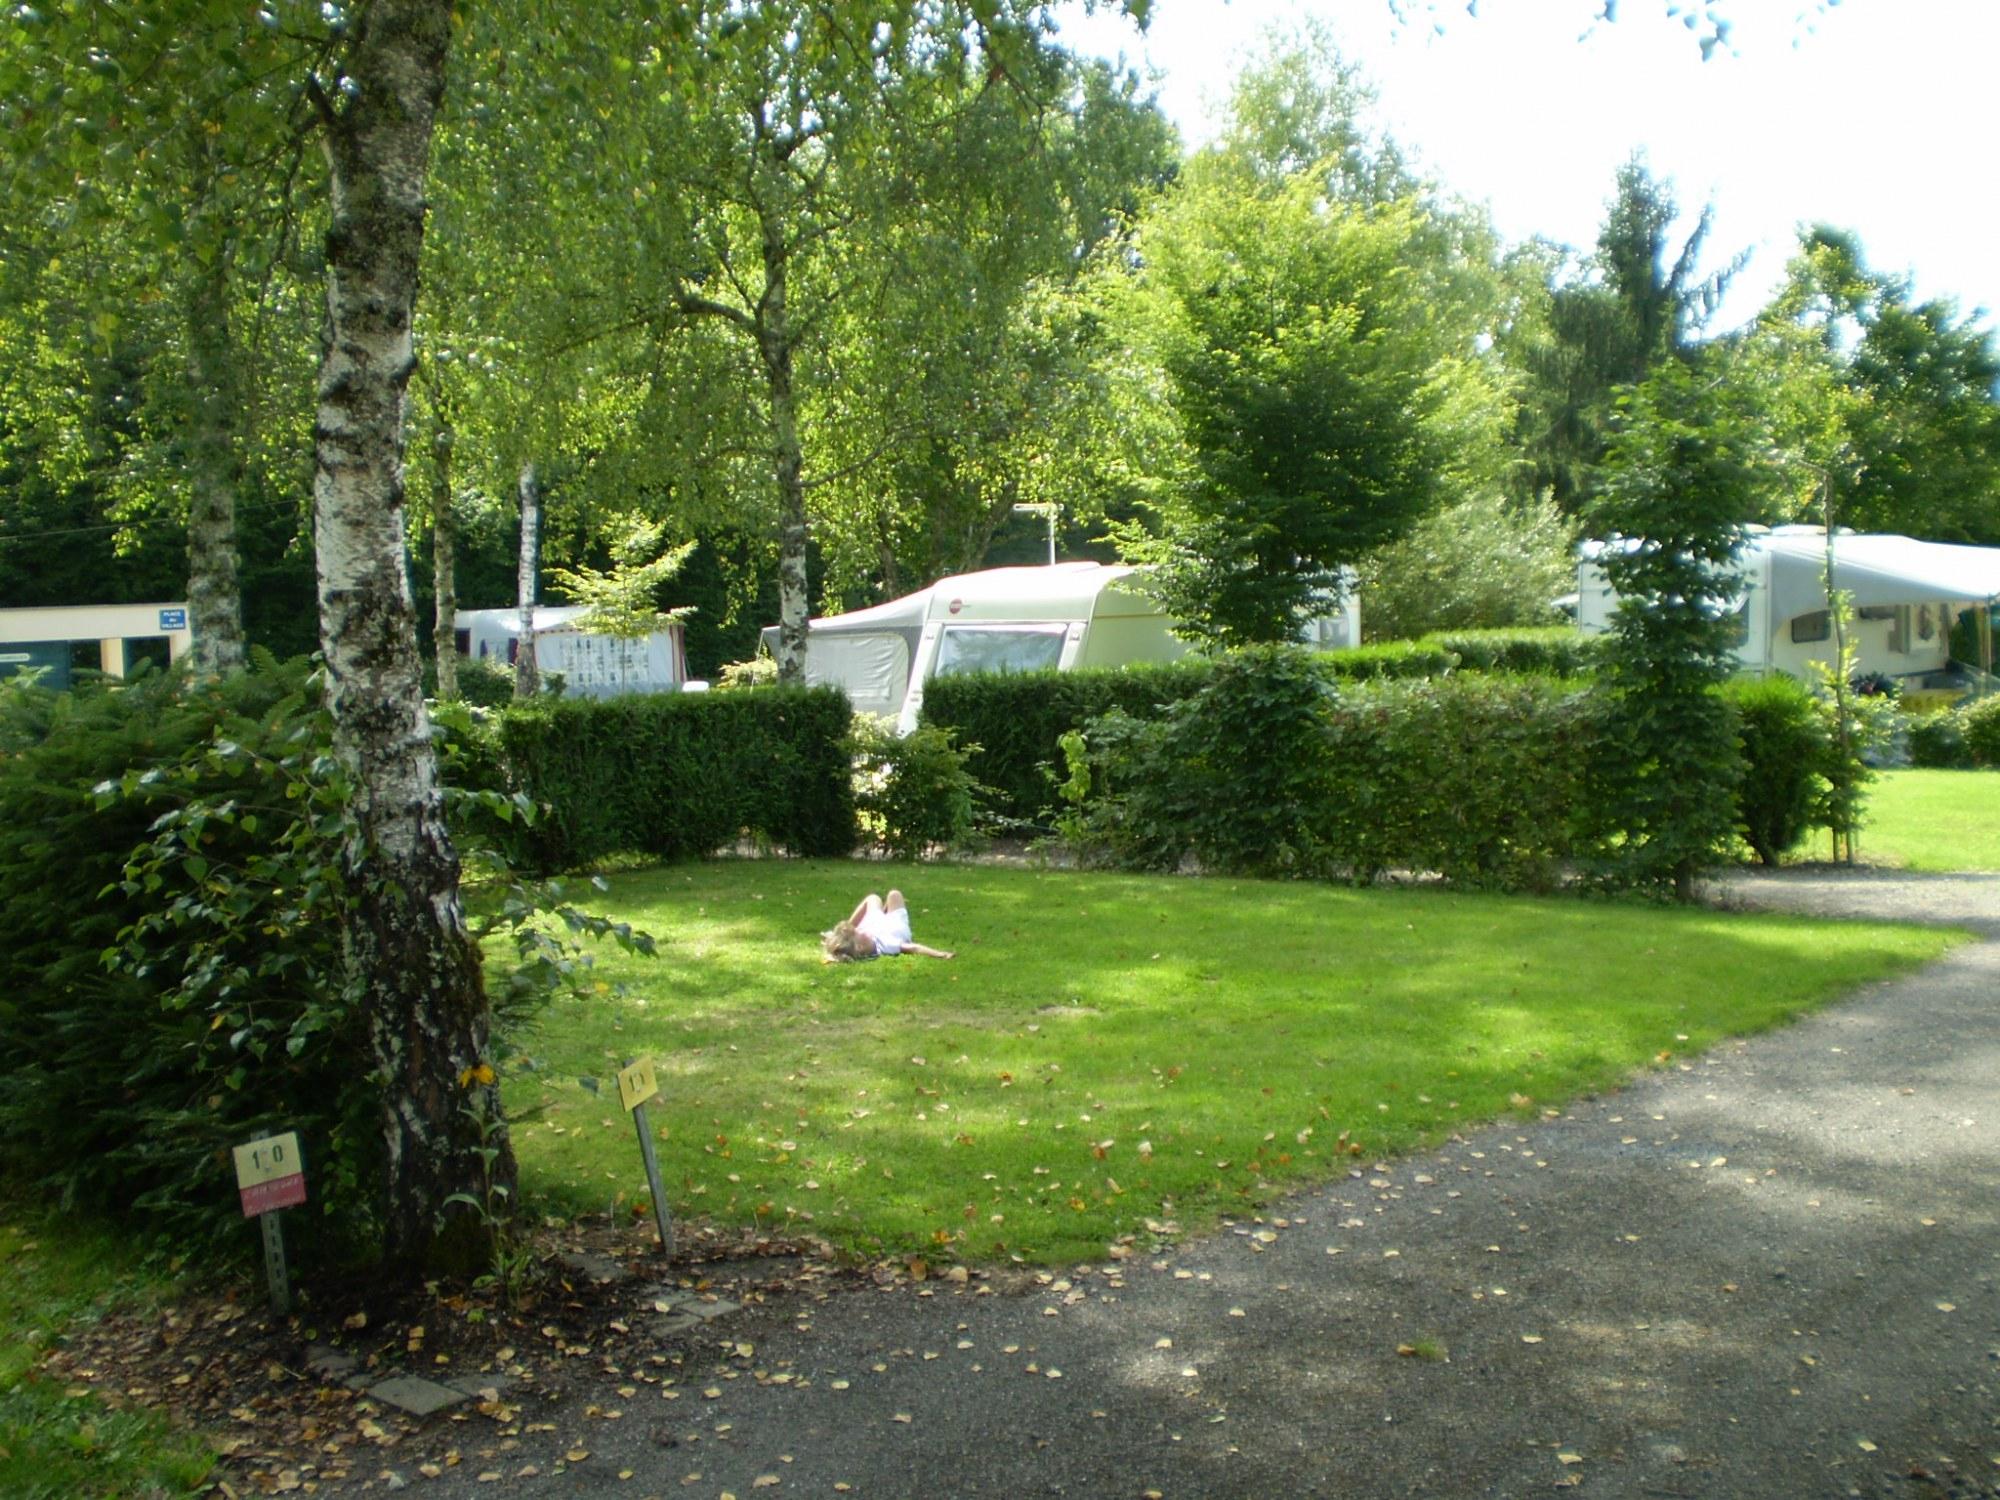 Découvrez Les Nouveaux Campings Labellisés Pour 2019 encequiconcerne Camping Auvergne Piscine